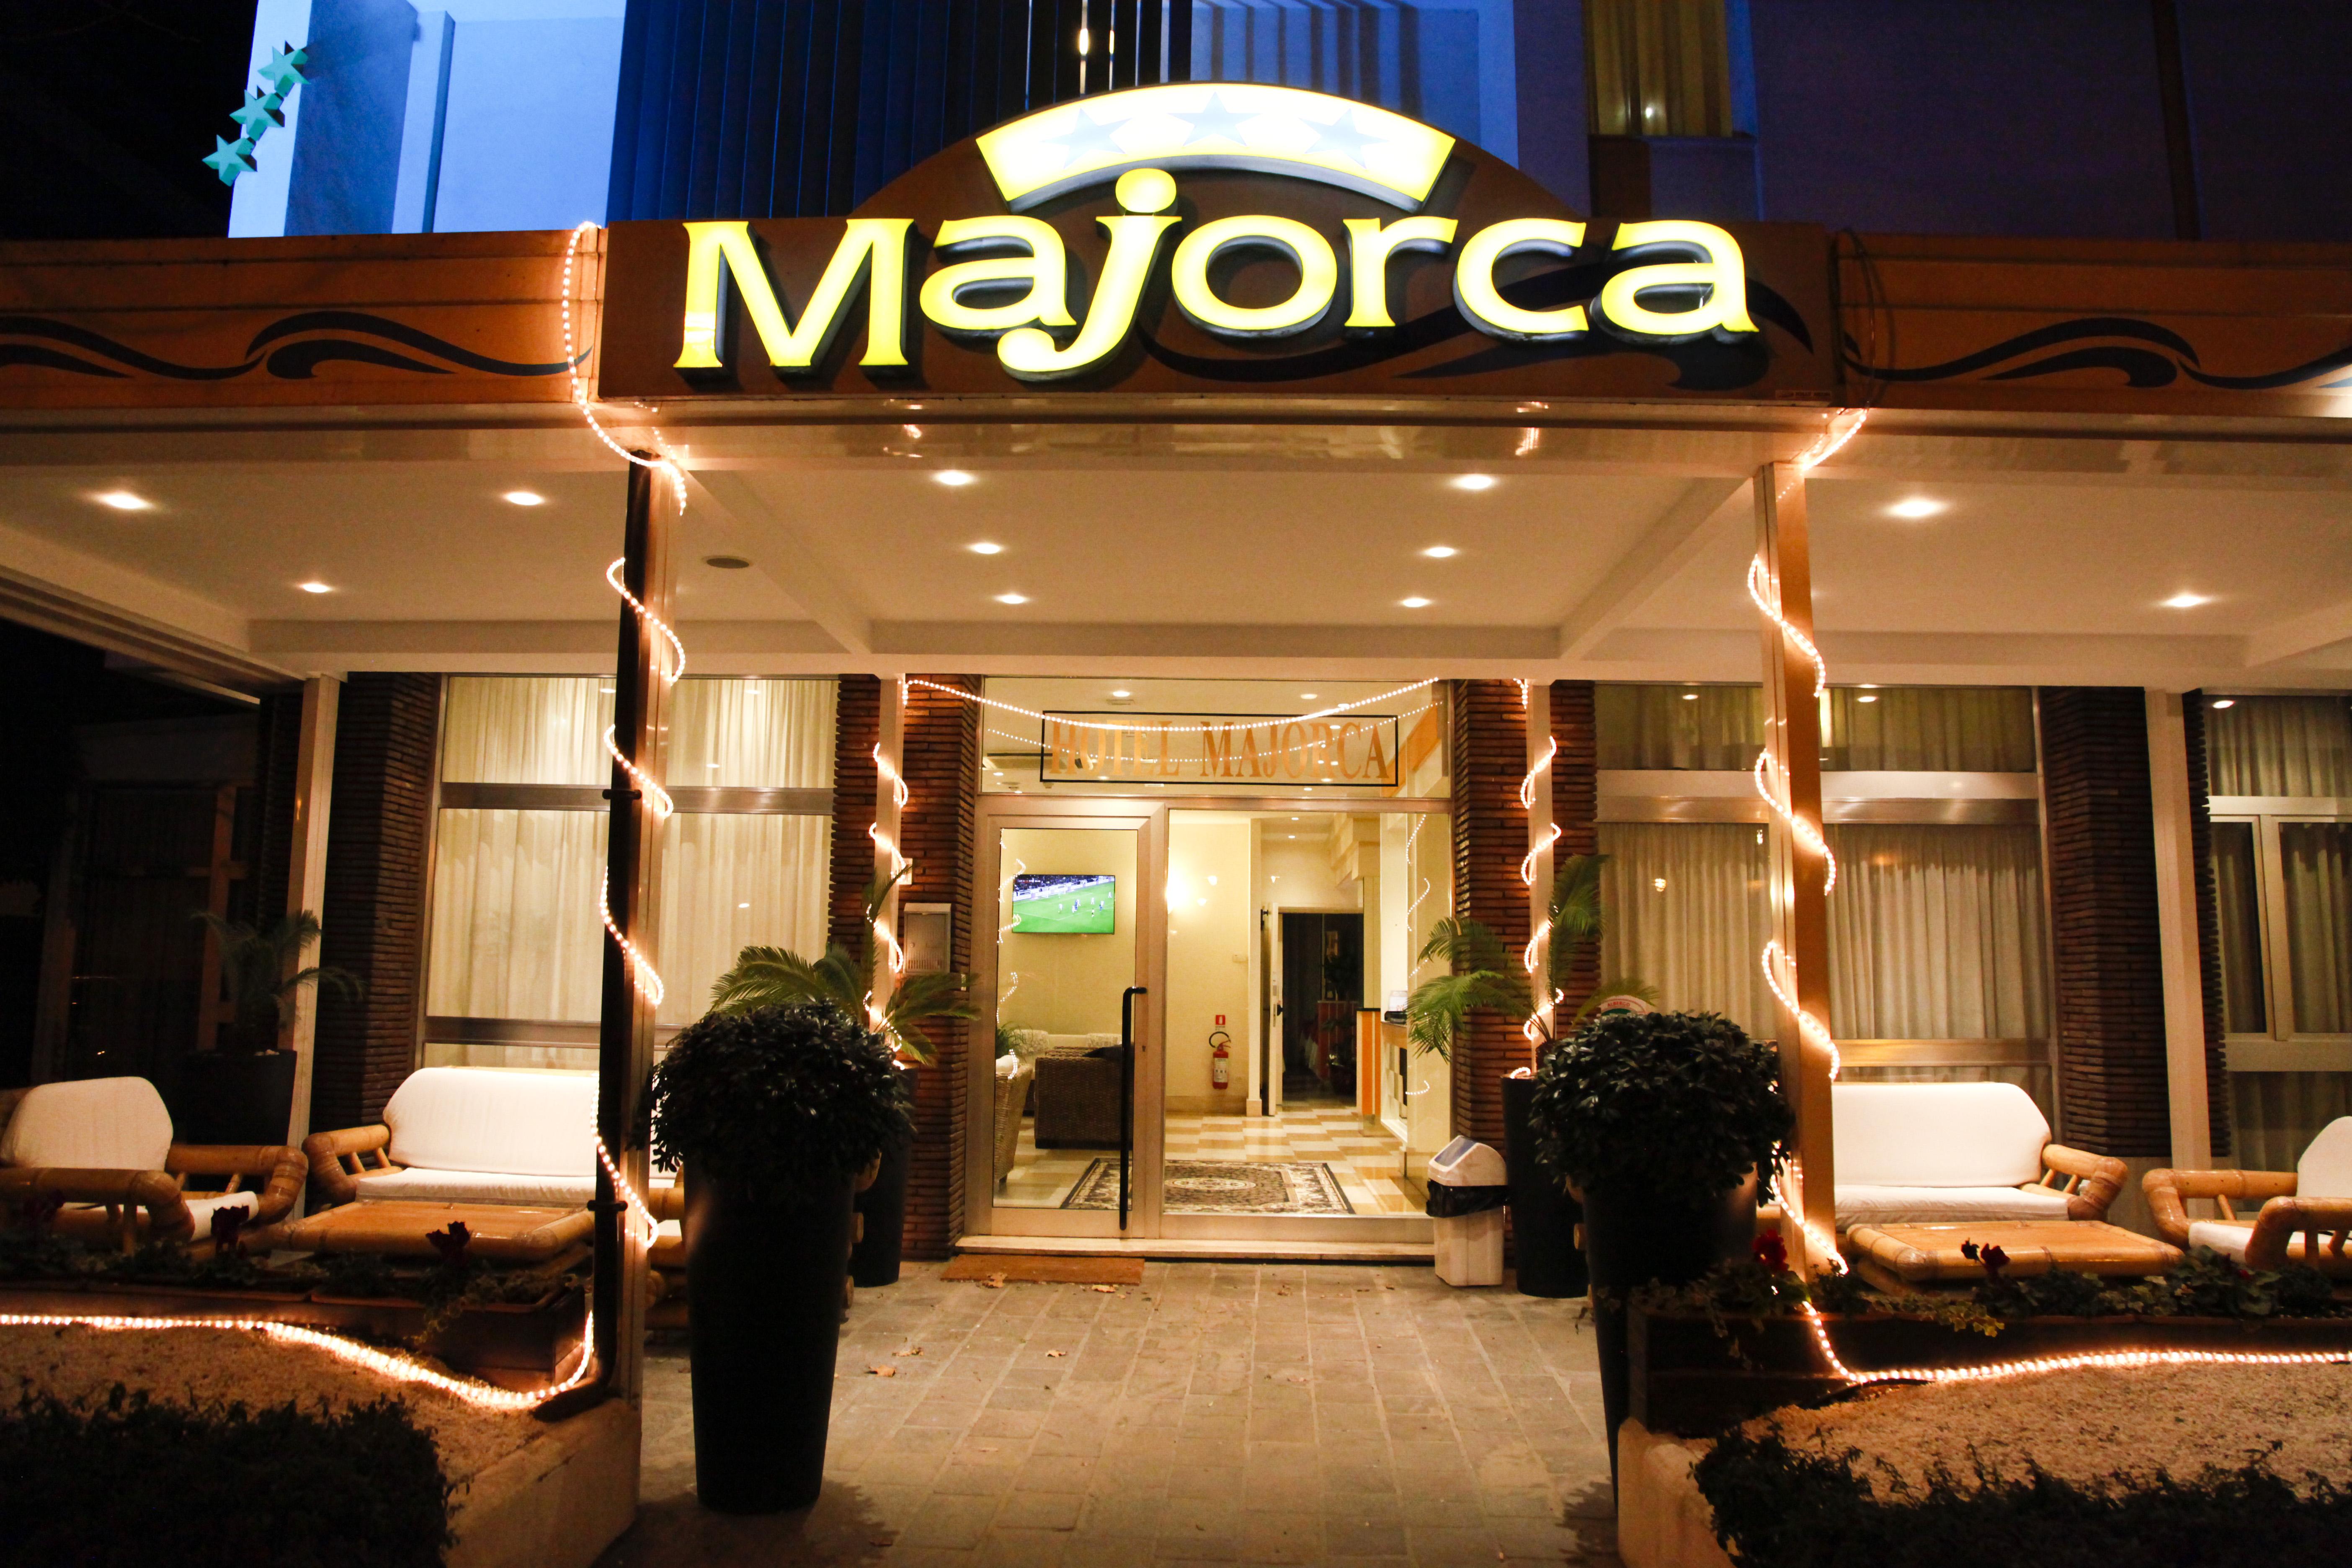 Listino prezzi | Hotel Majorca Riccione - Hotel 3 Stelle Fronte Mare